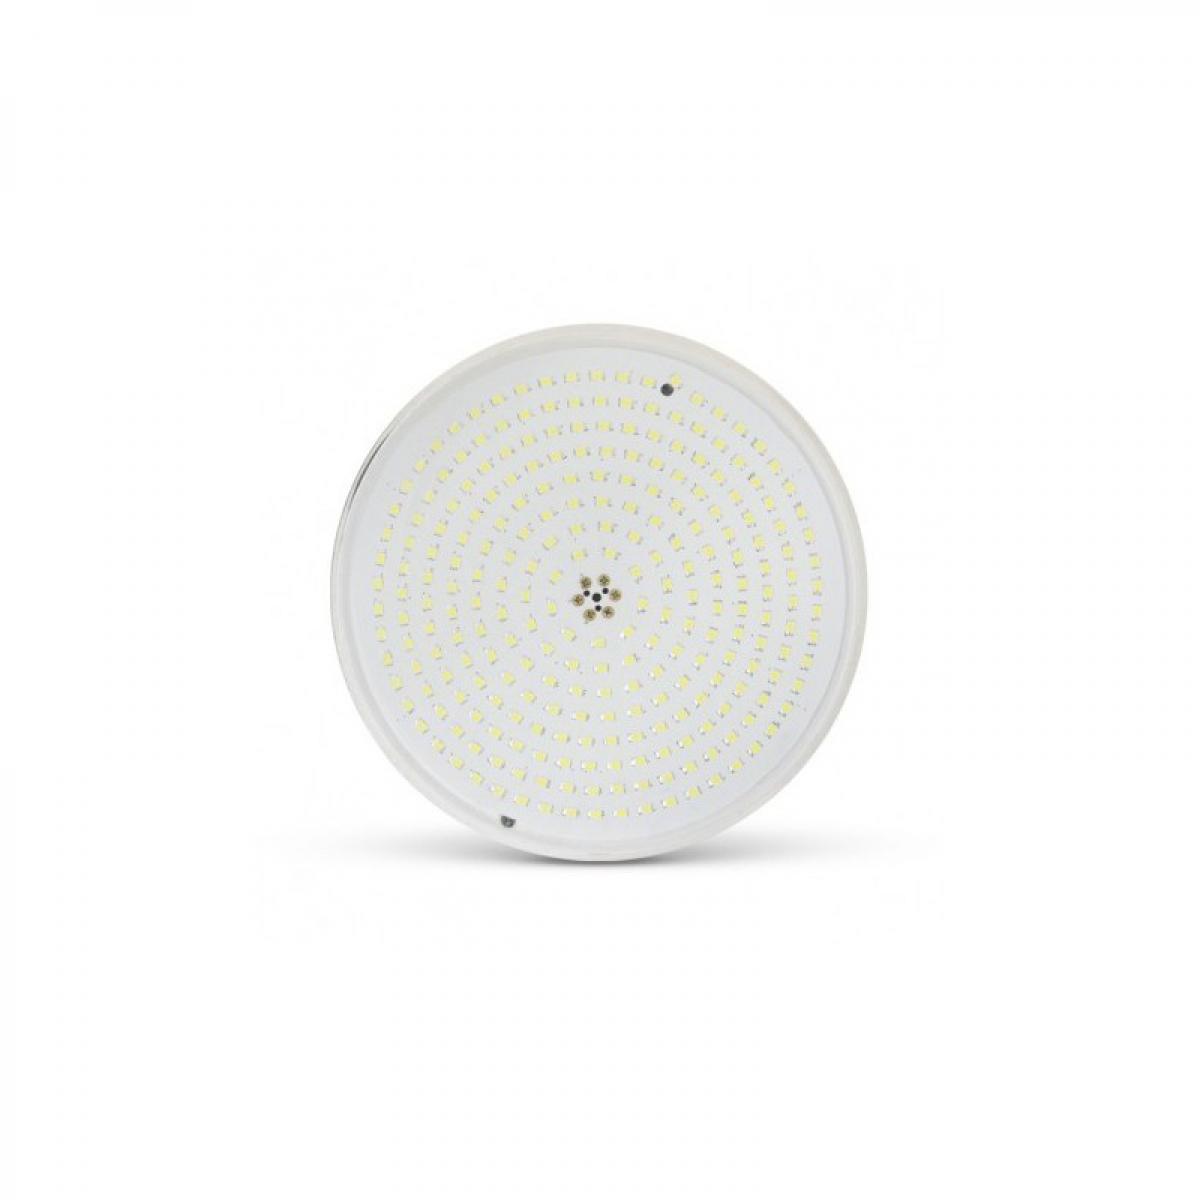 Vision-El Projecteur LED Piscine PAR56 12VAC 18W 6500 K